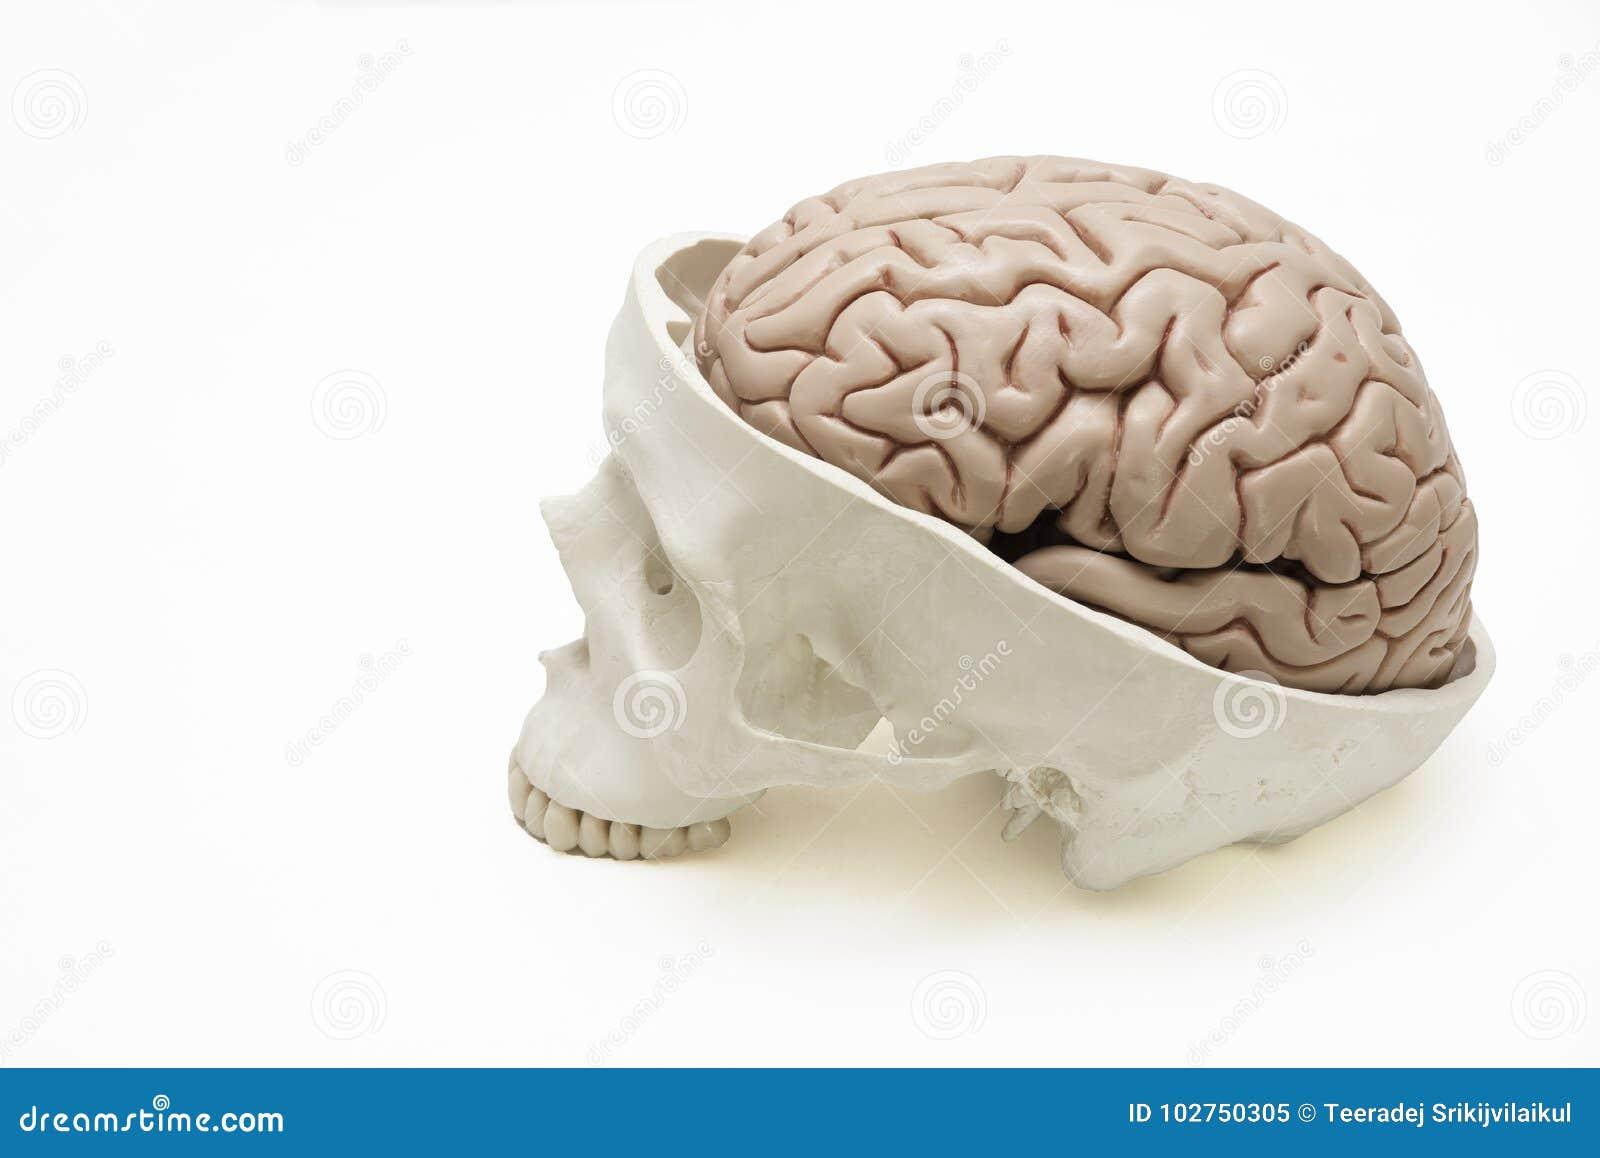 Brain Model Inside Skull On White Background Stock Image - Image of ...